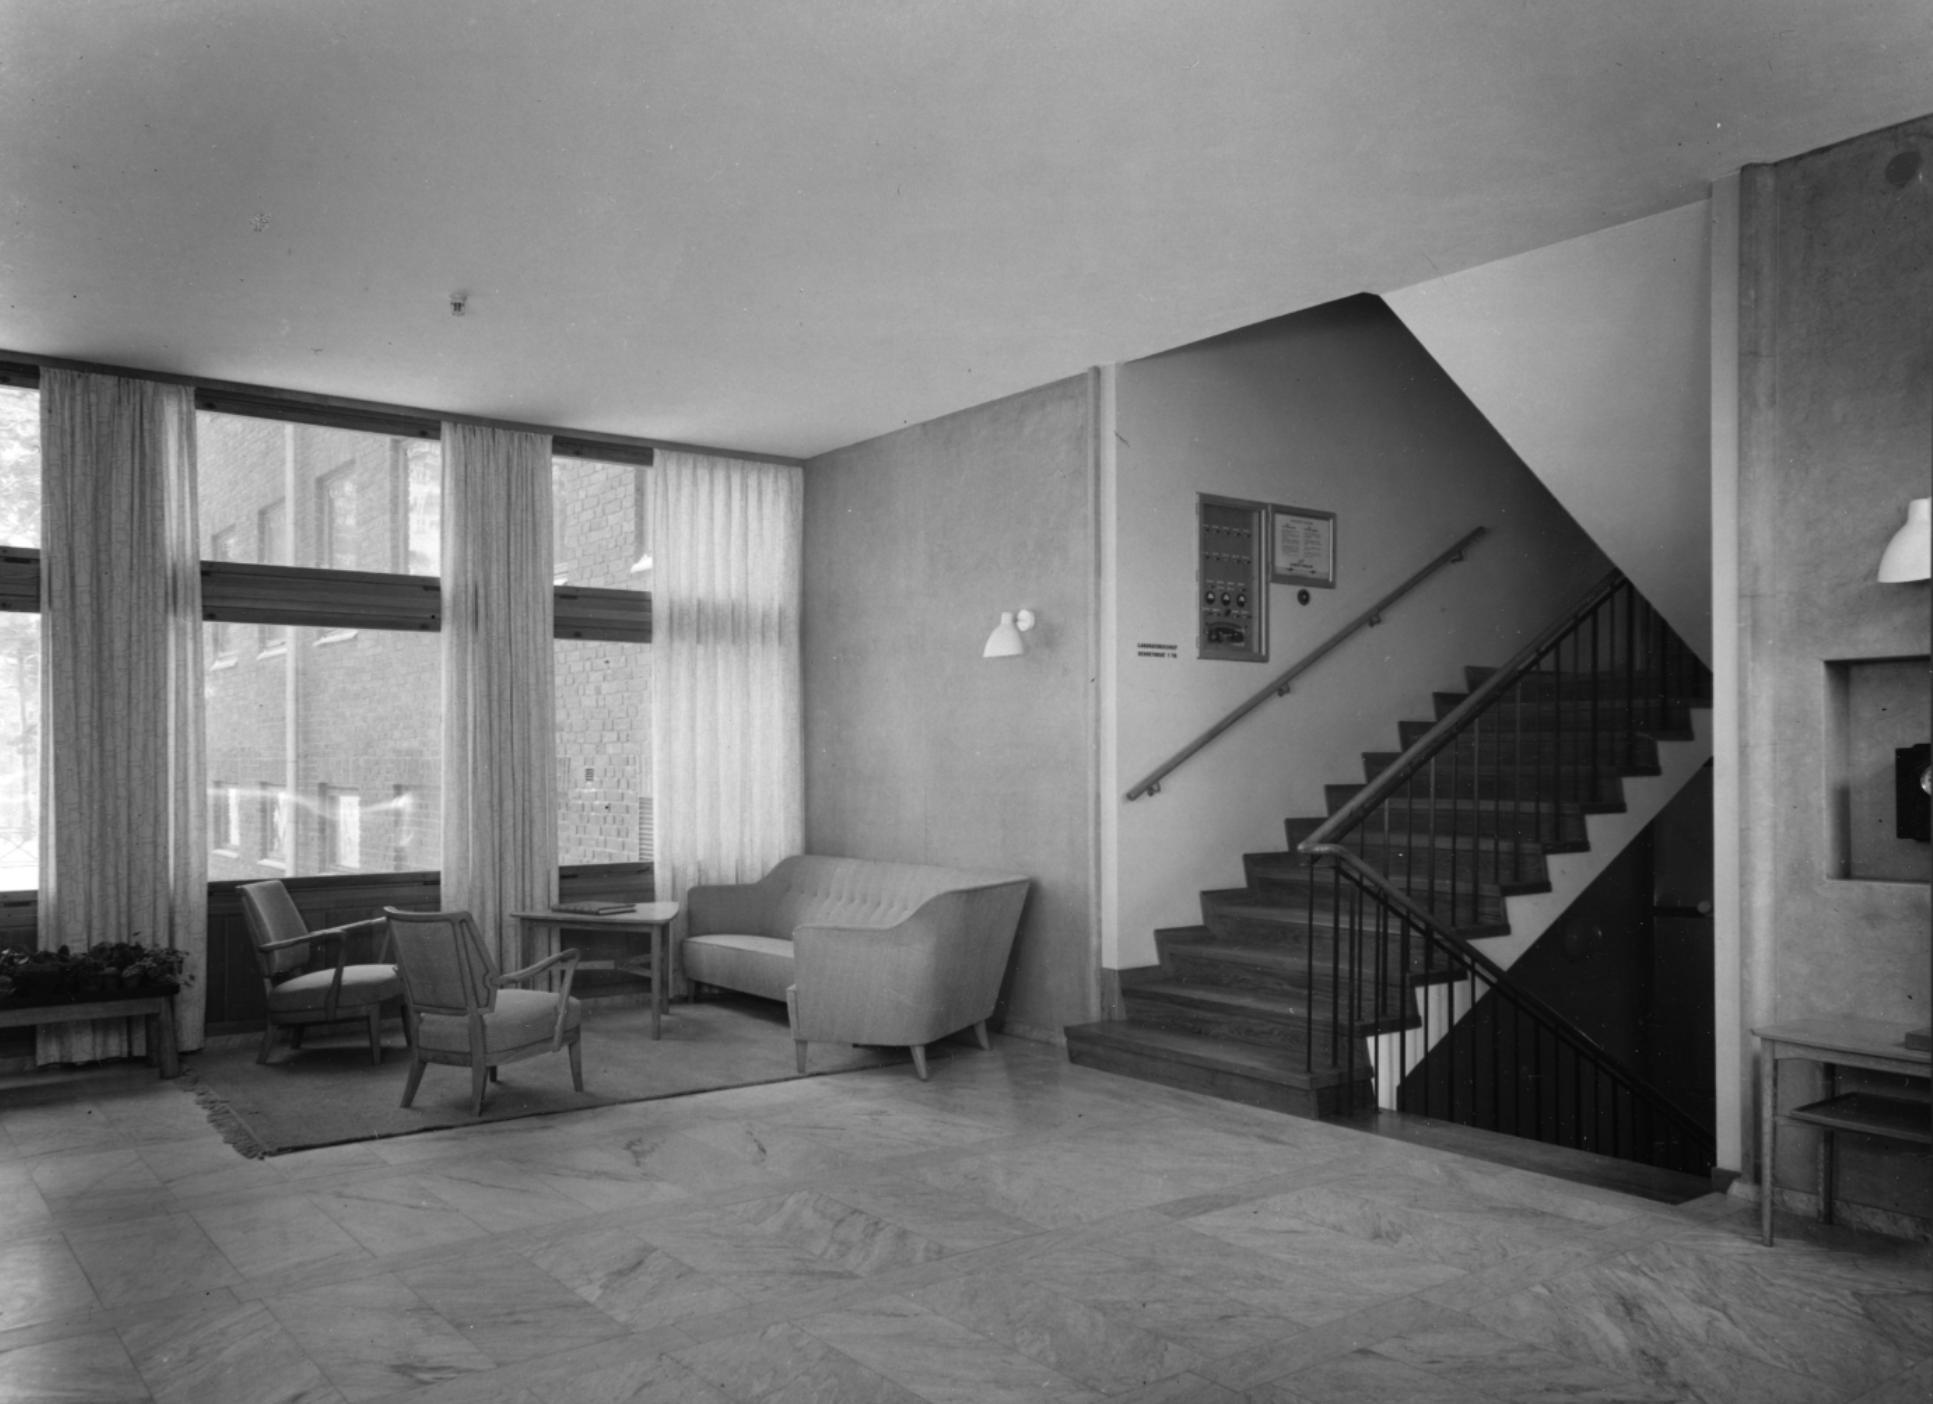 Astras Centrallab — 1943